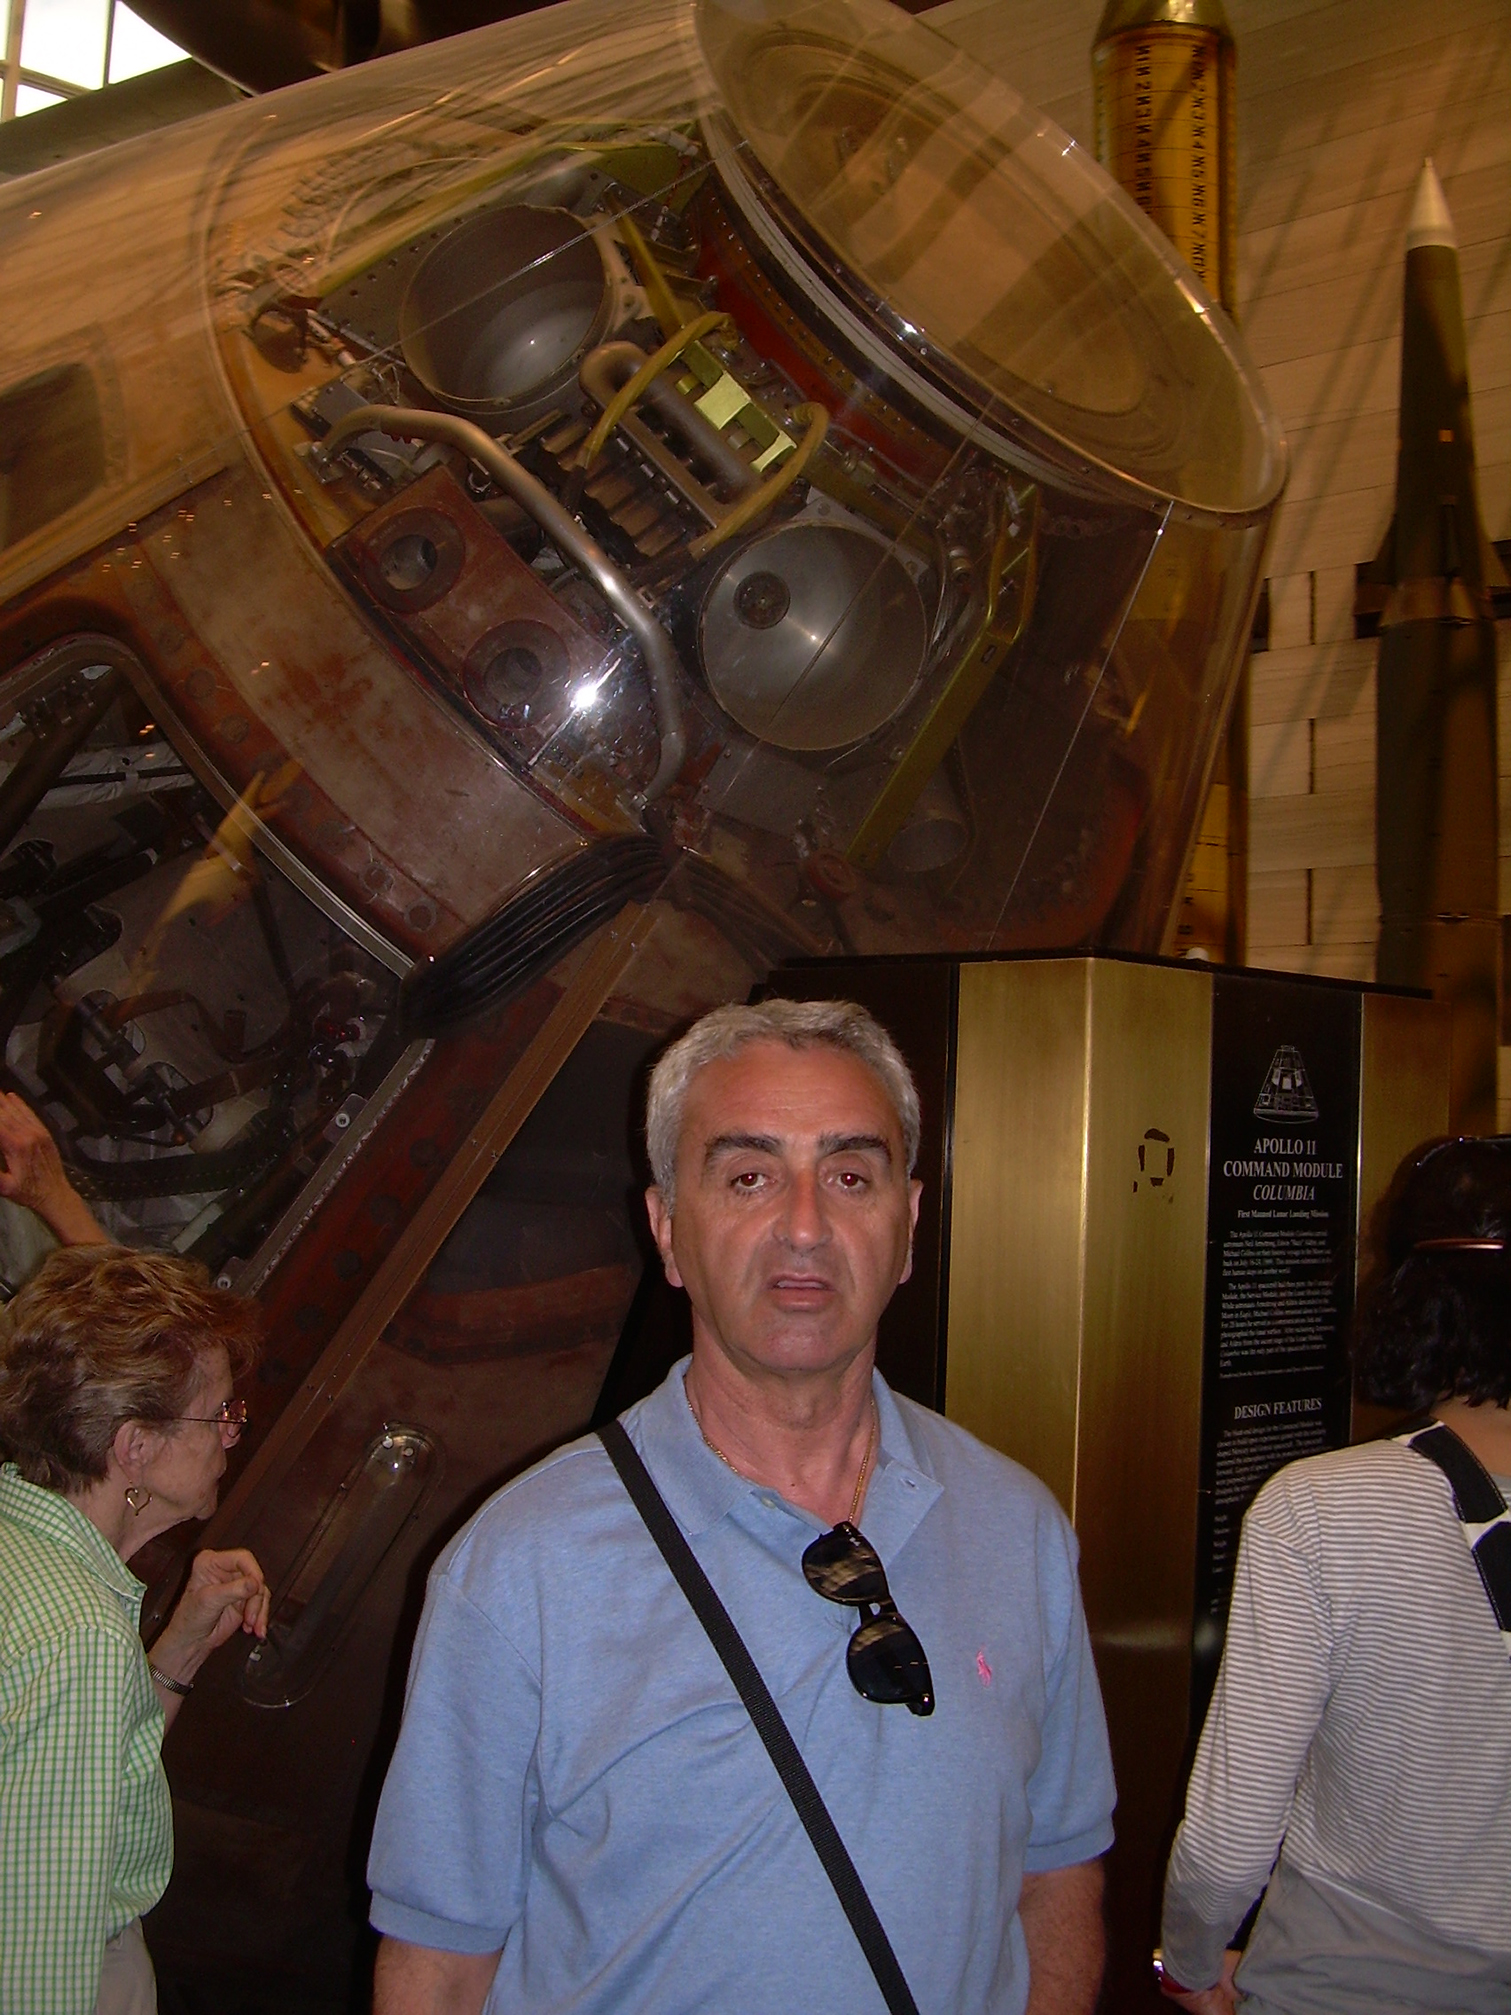 Nw MUzen e Hapsirw nw Uashington, U. Zajmi pranw kasulws sw Apollo 11.